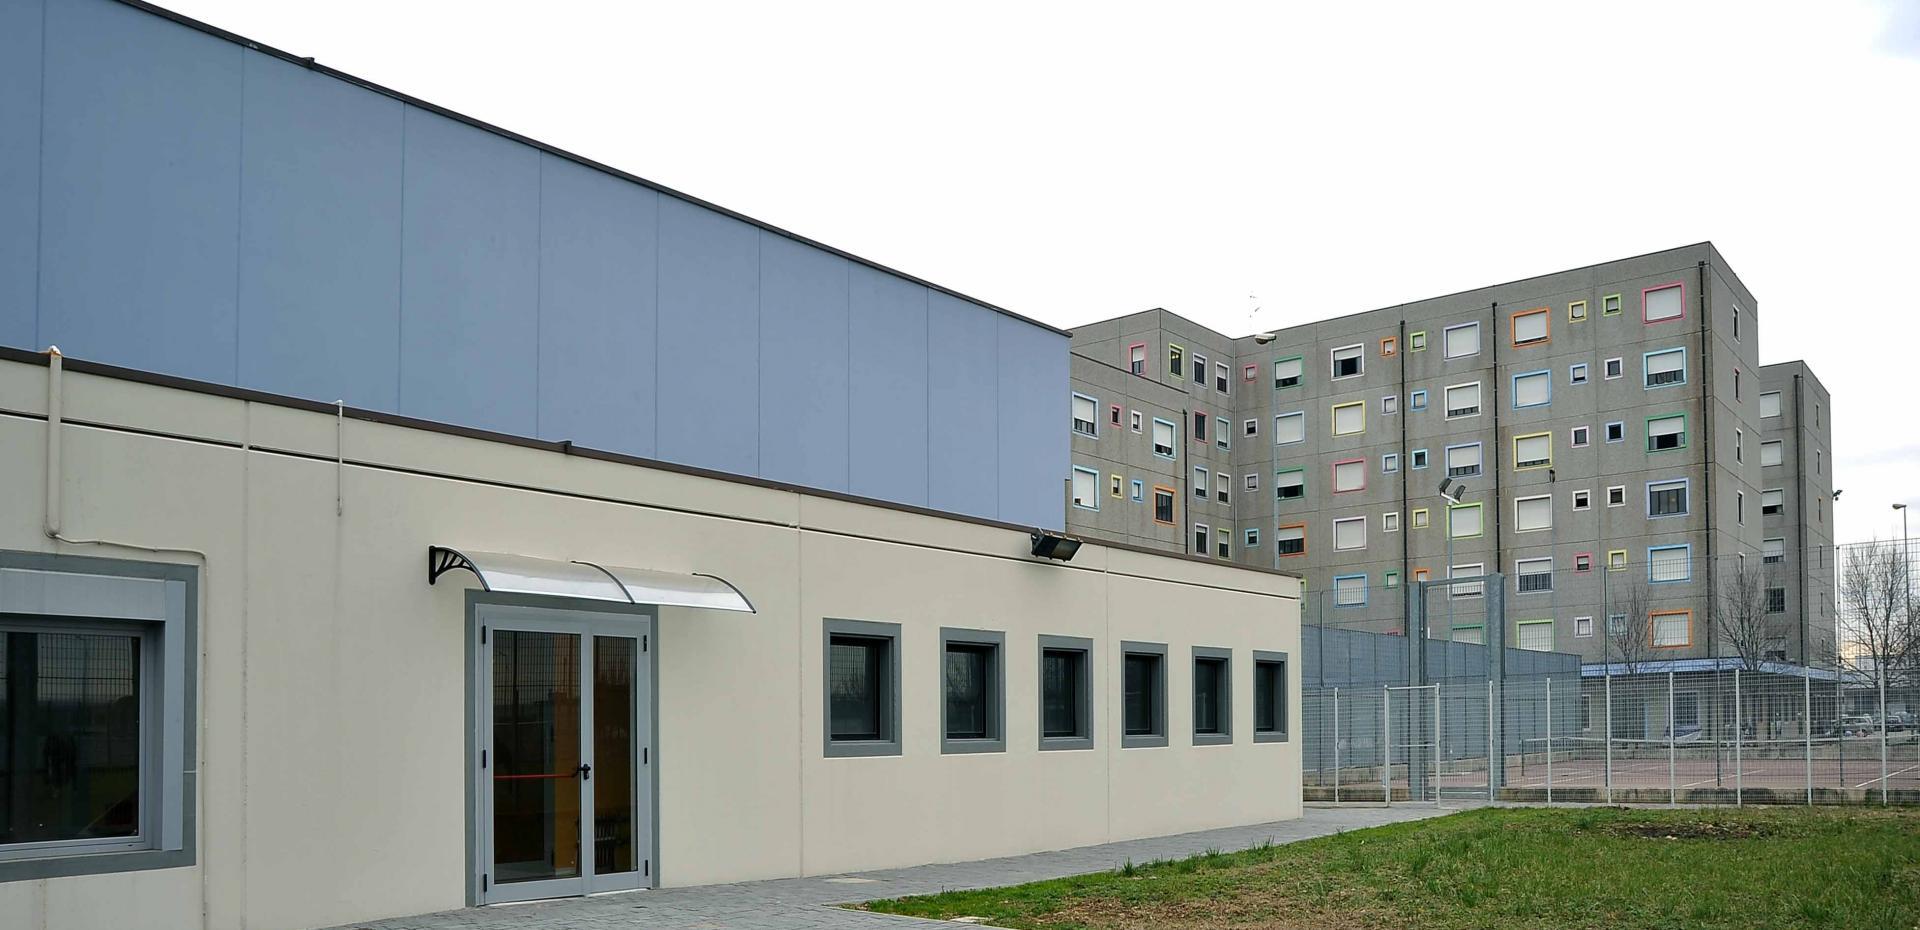 Asilo Nido Casa di Reclusione Bollate - Milano